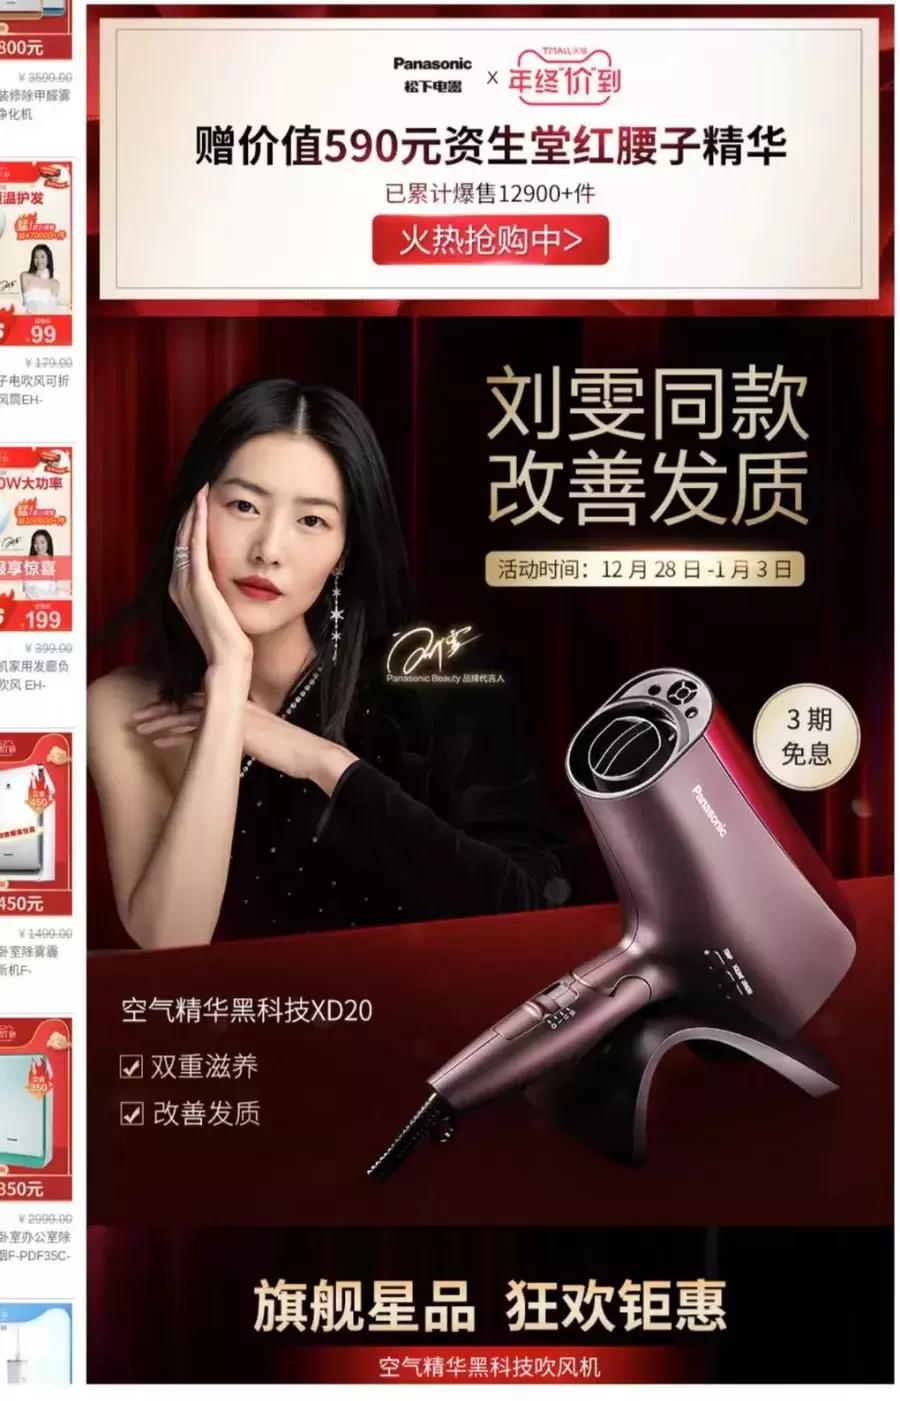 宣称松下吹风机双重滋养改善发质,上海博道电子商务被罚款20万元